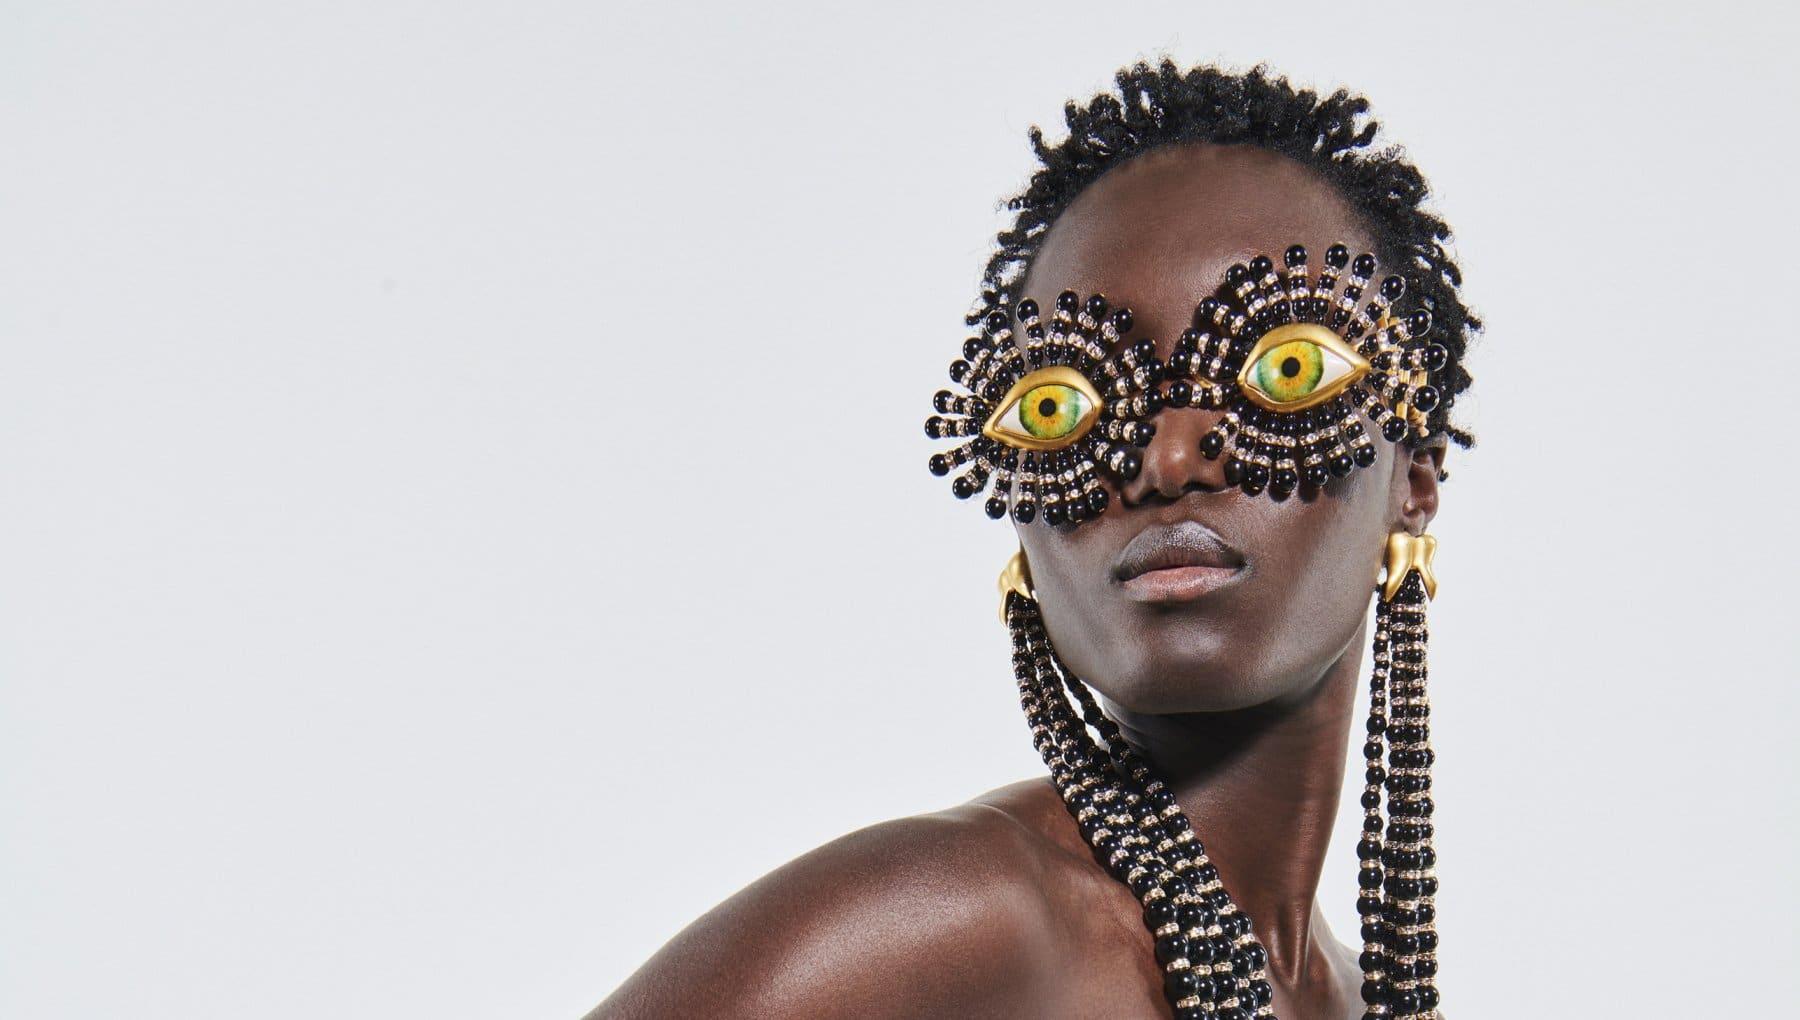 Gli occhiali da avere questa estate: strani e colorati – D.it Repubblica